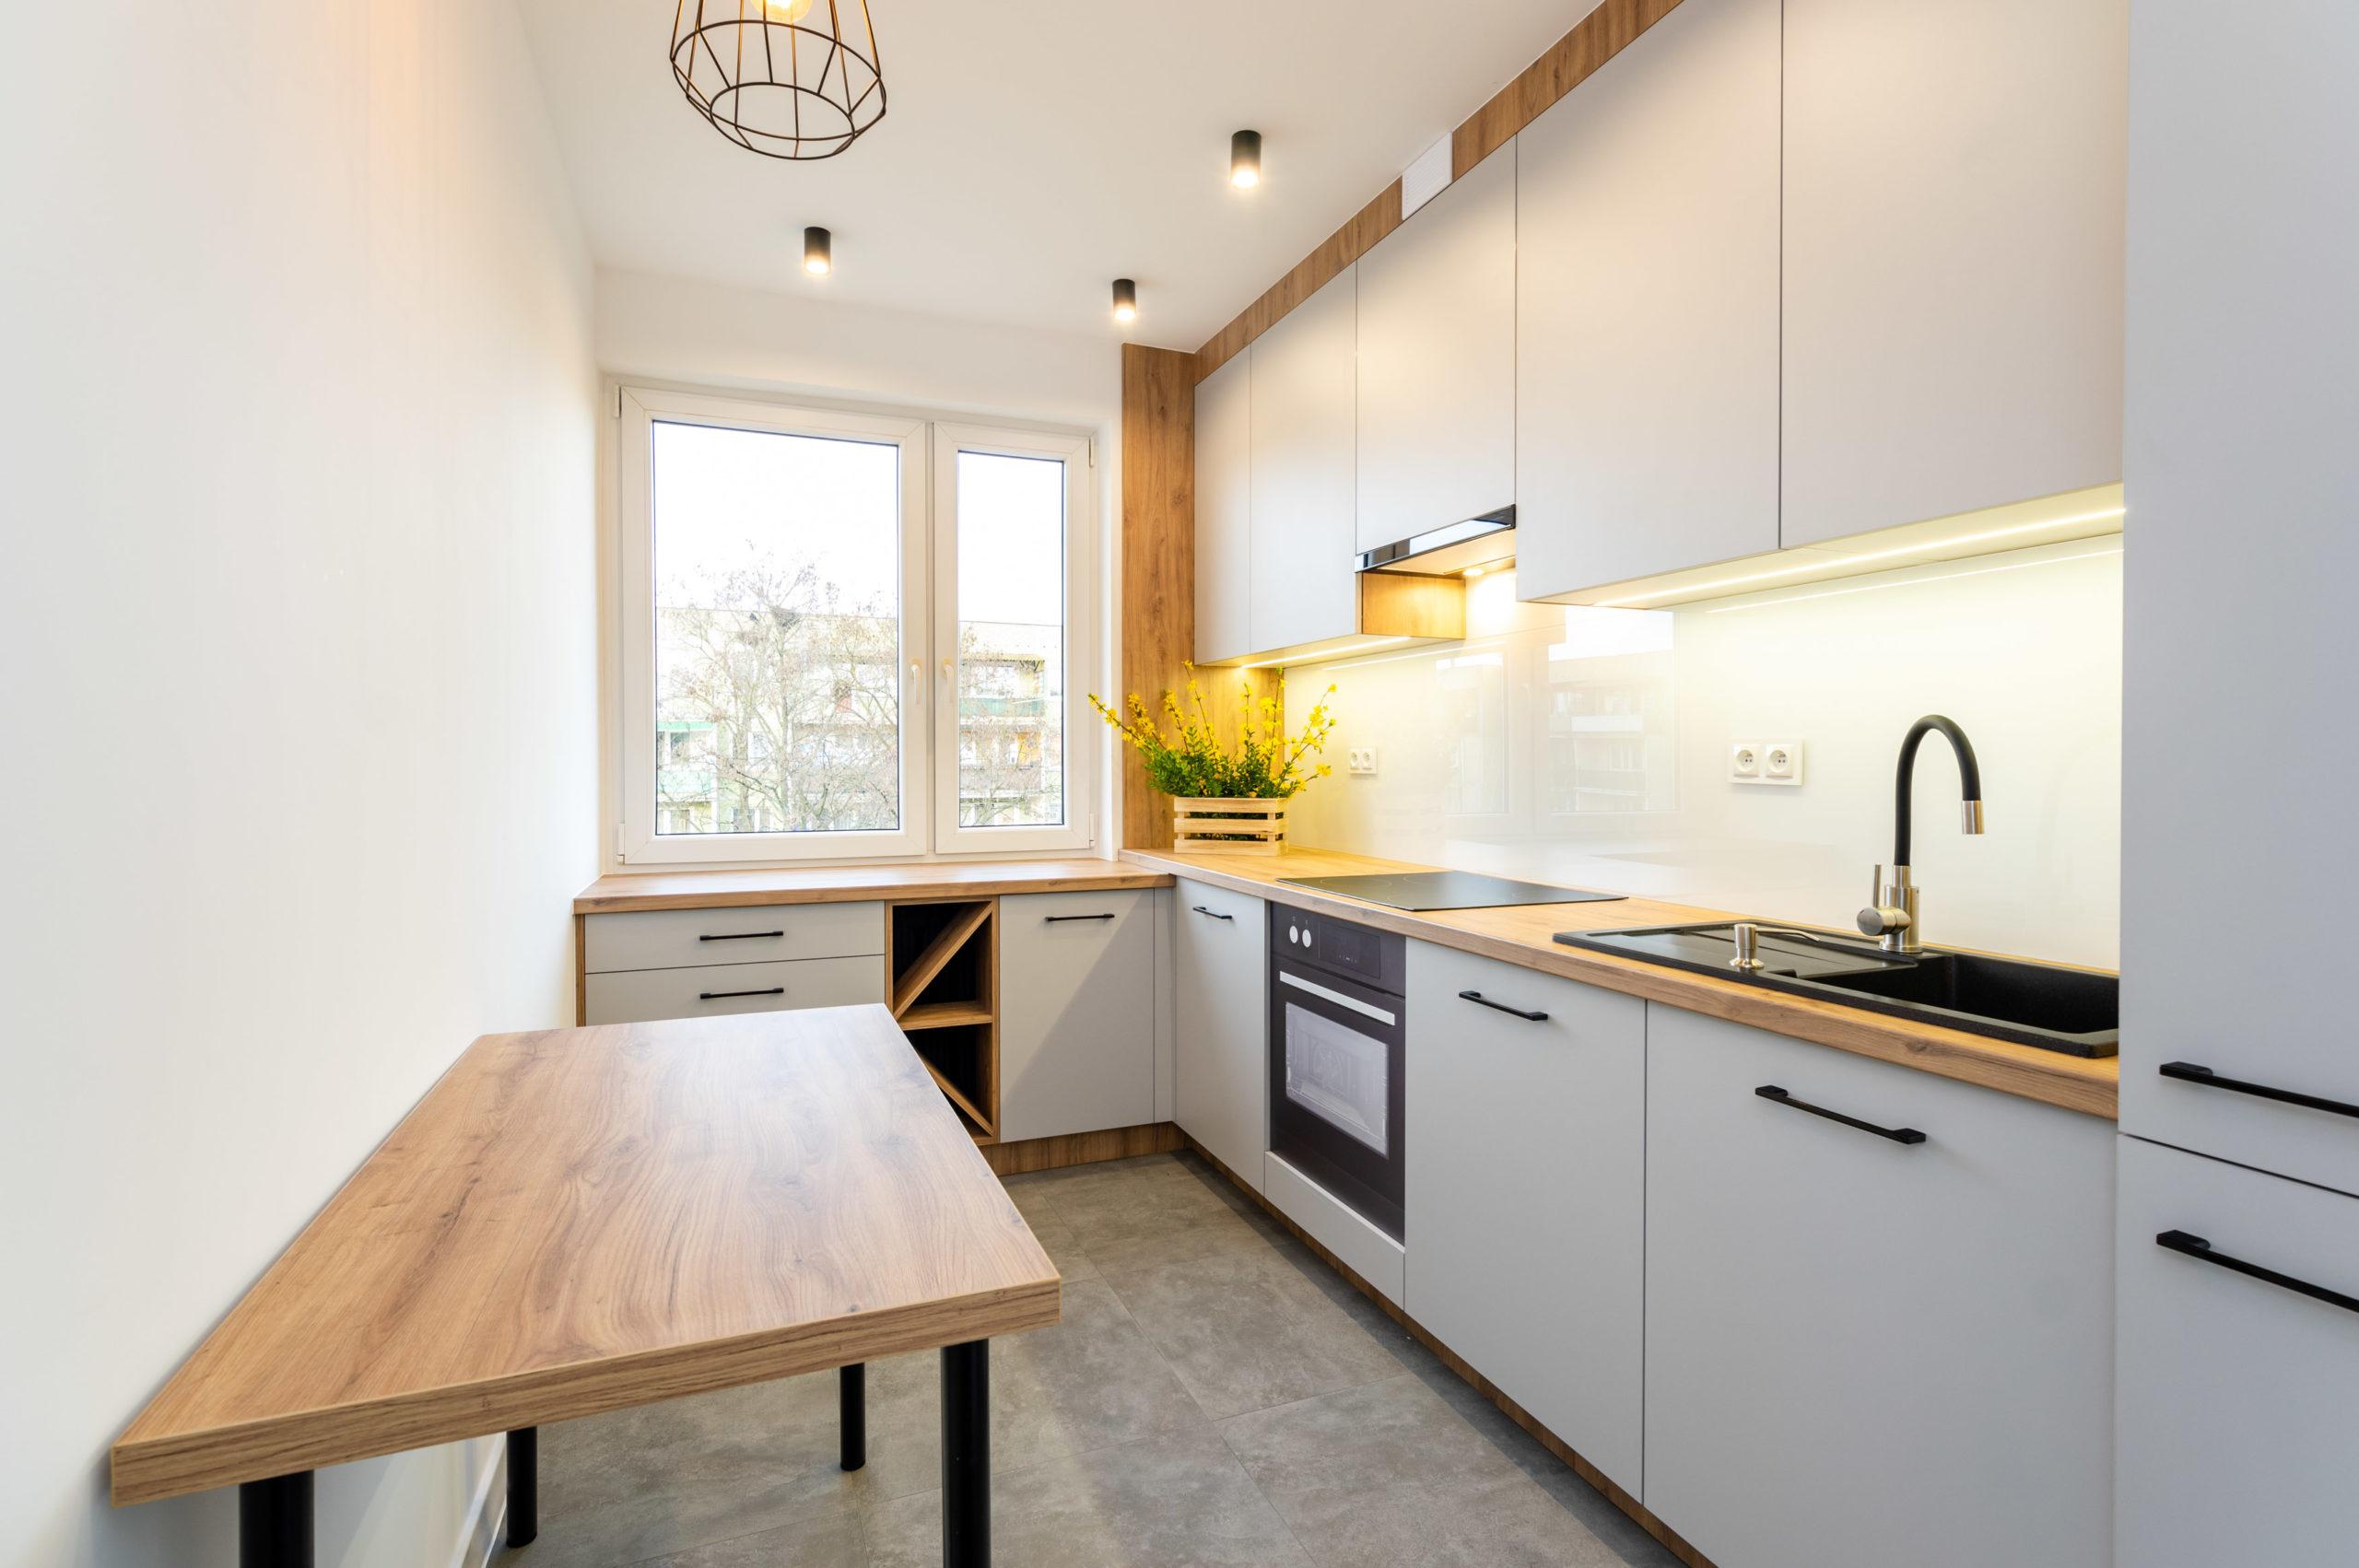 Sesja zdjęciowa mieszkania w Wołominie – świetne mieszkanie w dobrej cenie